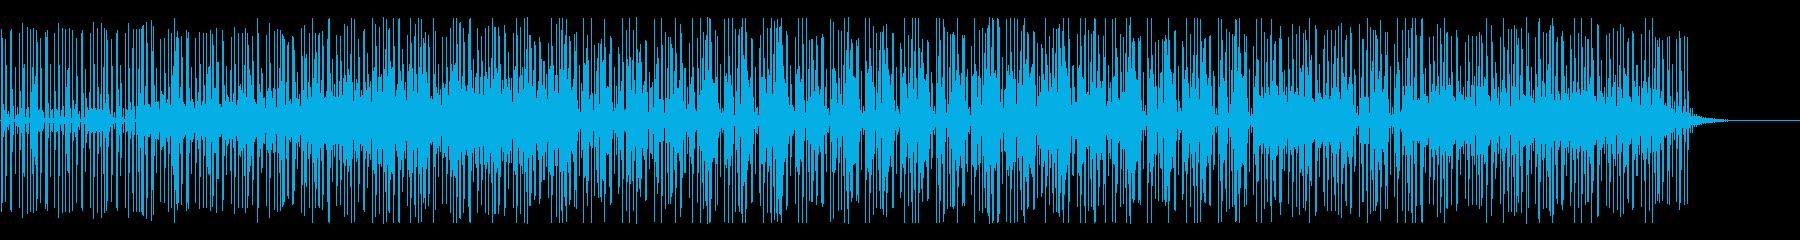 イントロ。強力な低音、ブラス。リミ...の再生済みの波形